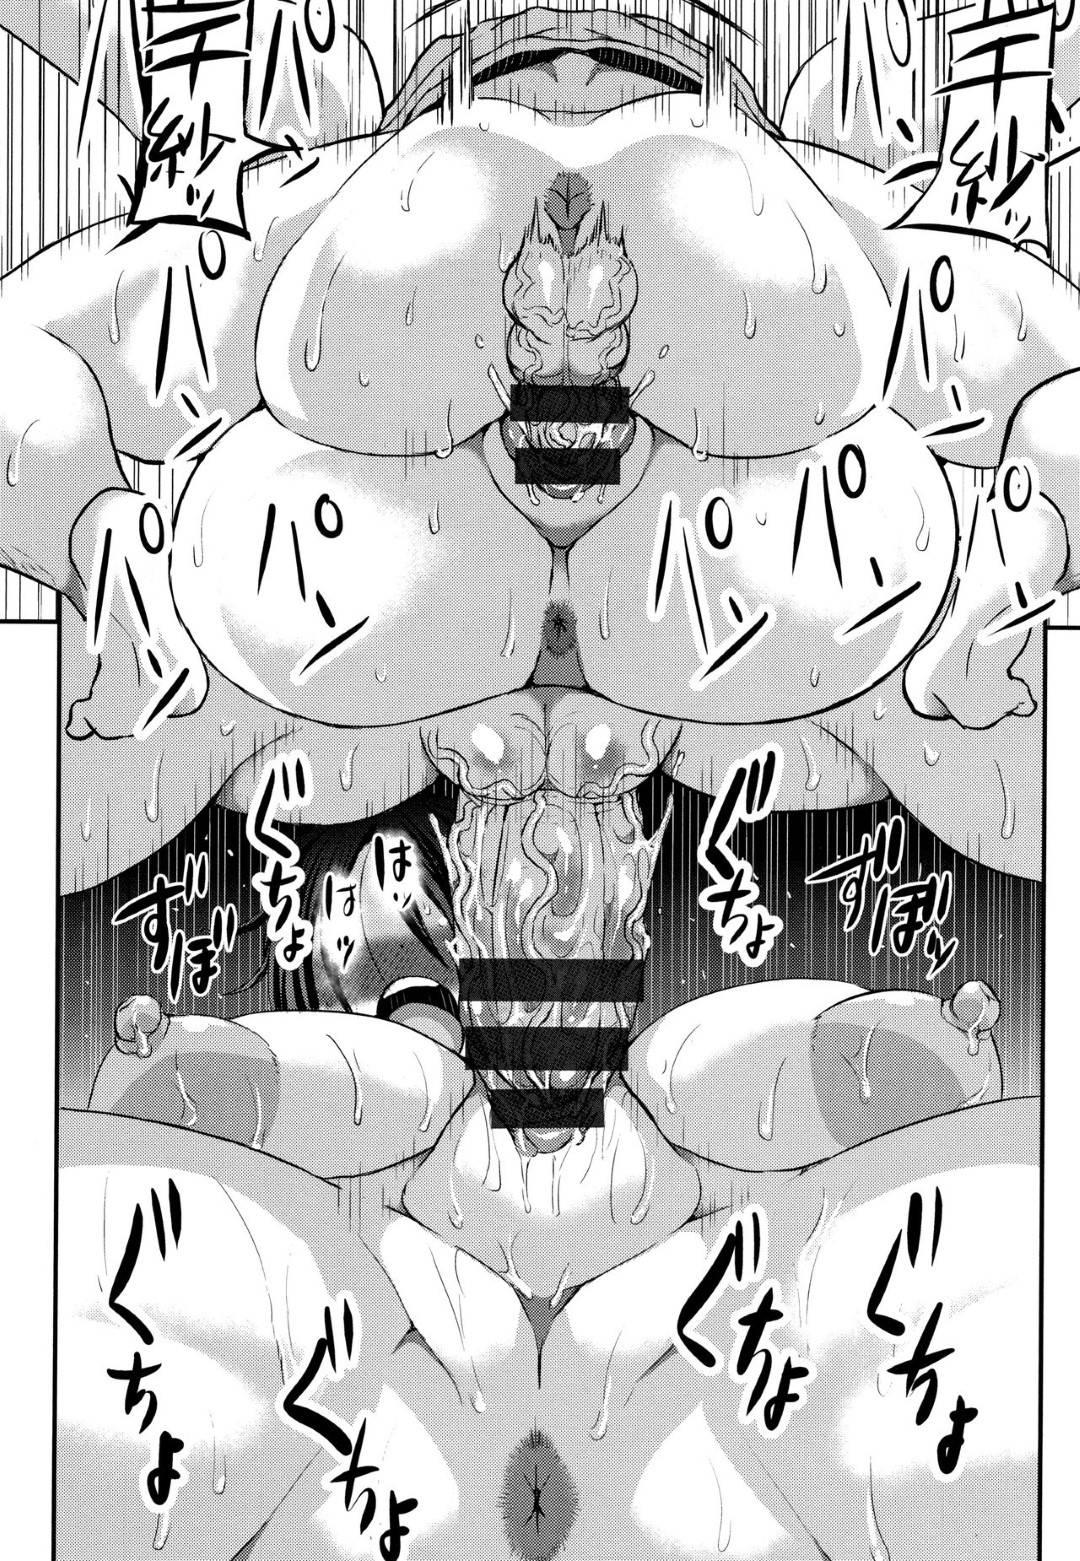 【エロ漫画】ぽっちゃりしていて父と一緒に暮らしている爆乳娘…酔っ払った父親から乳首責めされてそのまま禁断の近親相姦セックスしちゃう!【ぶーちゃん:ちさのちち】